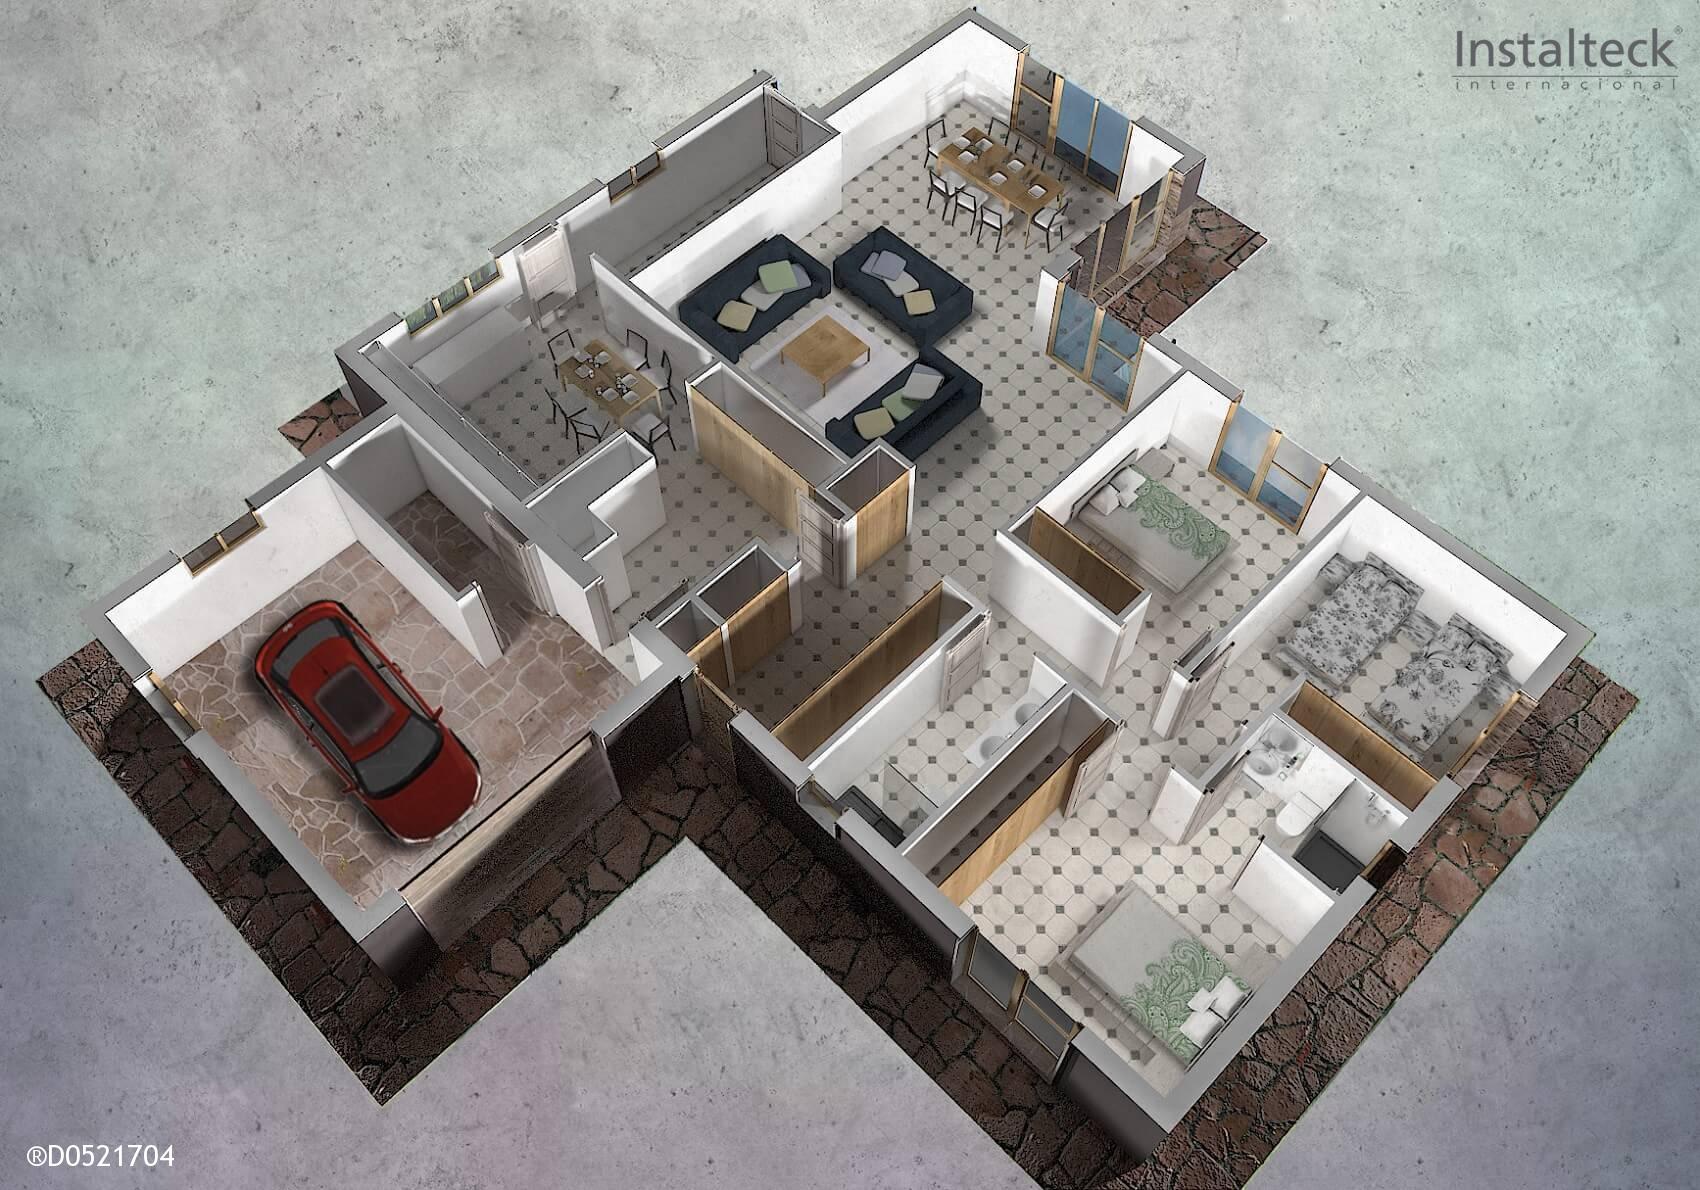 Casa prefabricada in teck 186 instalteckinstalteck for Interiores de casas prefabricadas